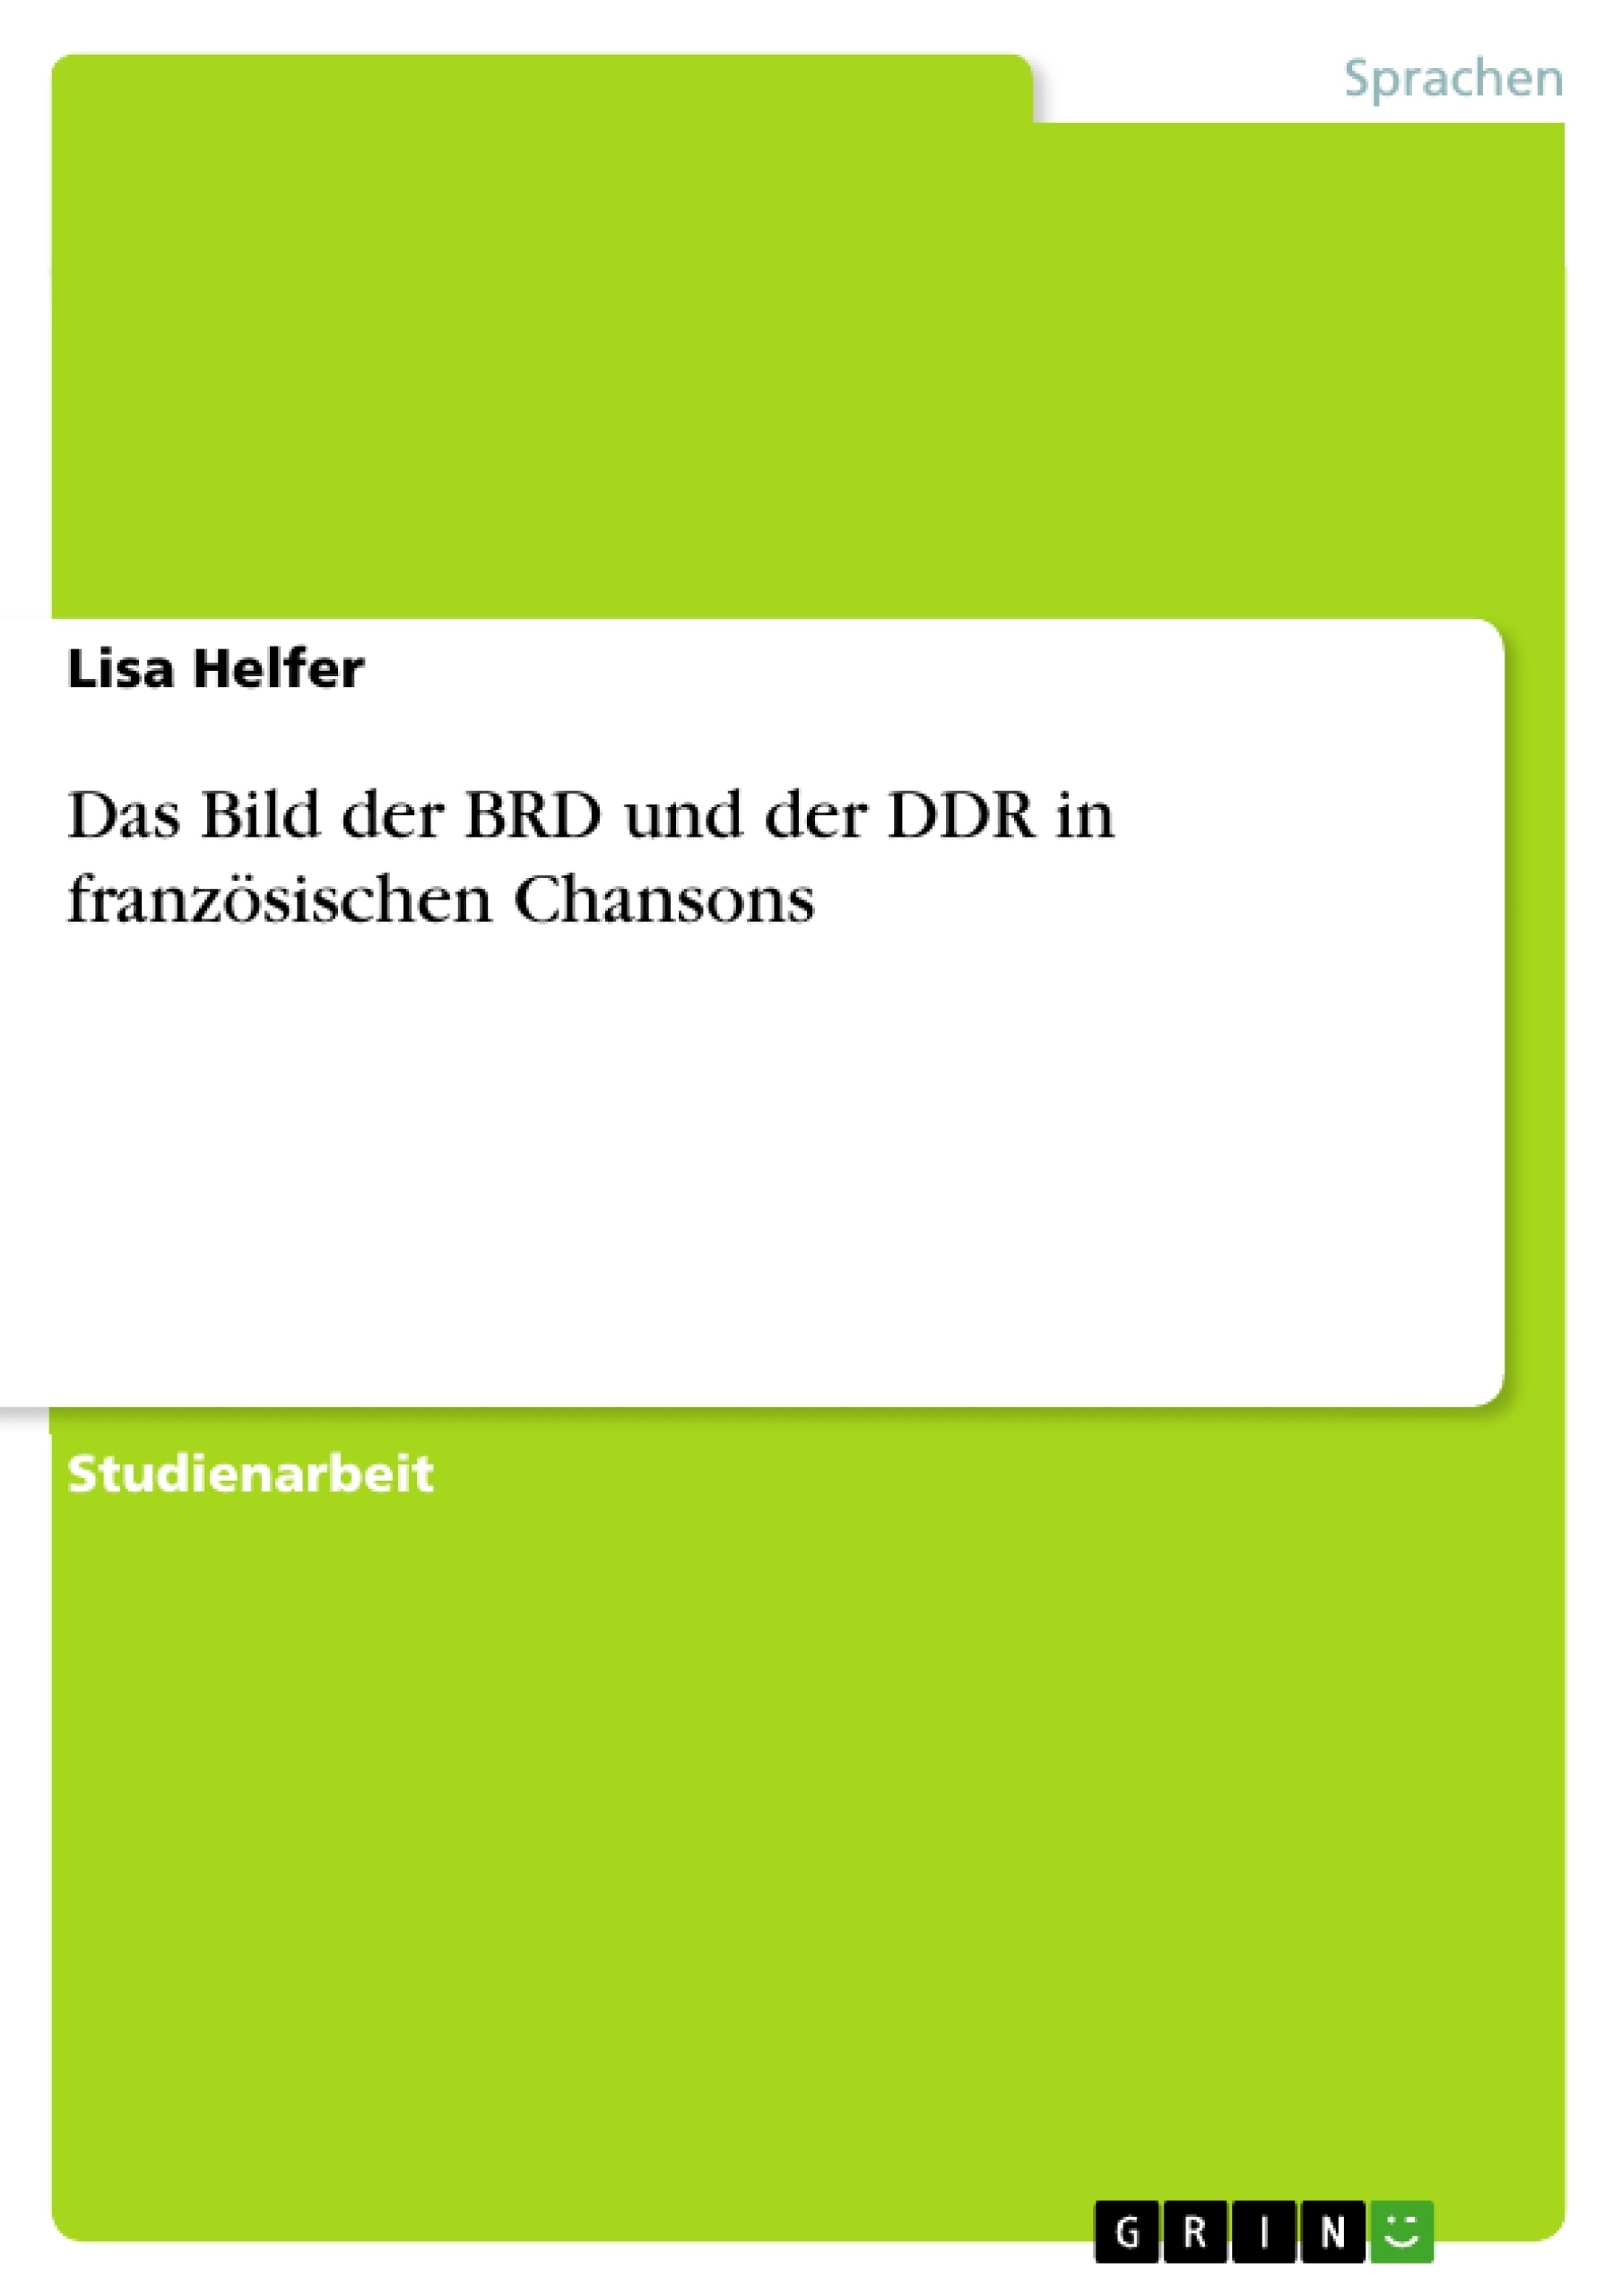 Titel: Das Bild der BRD und der DDR in französischen Chansons